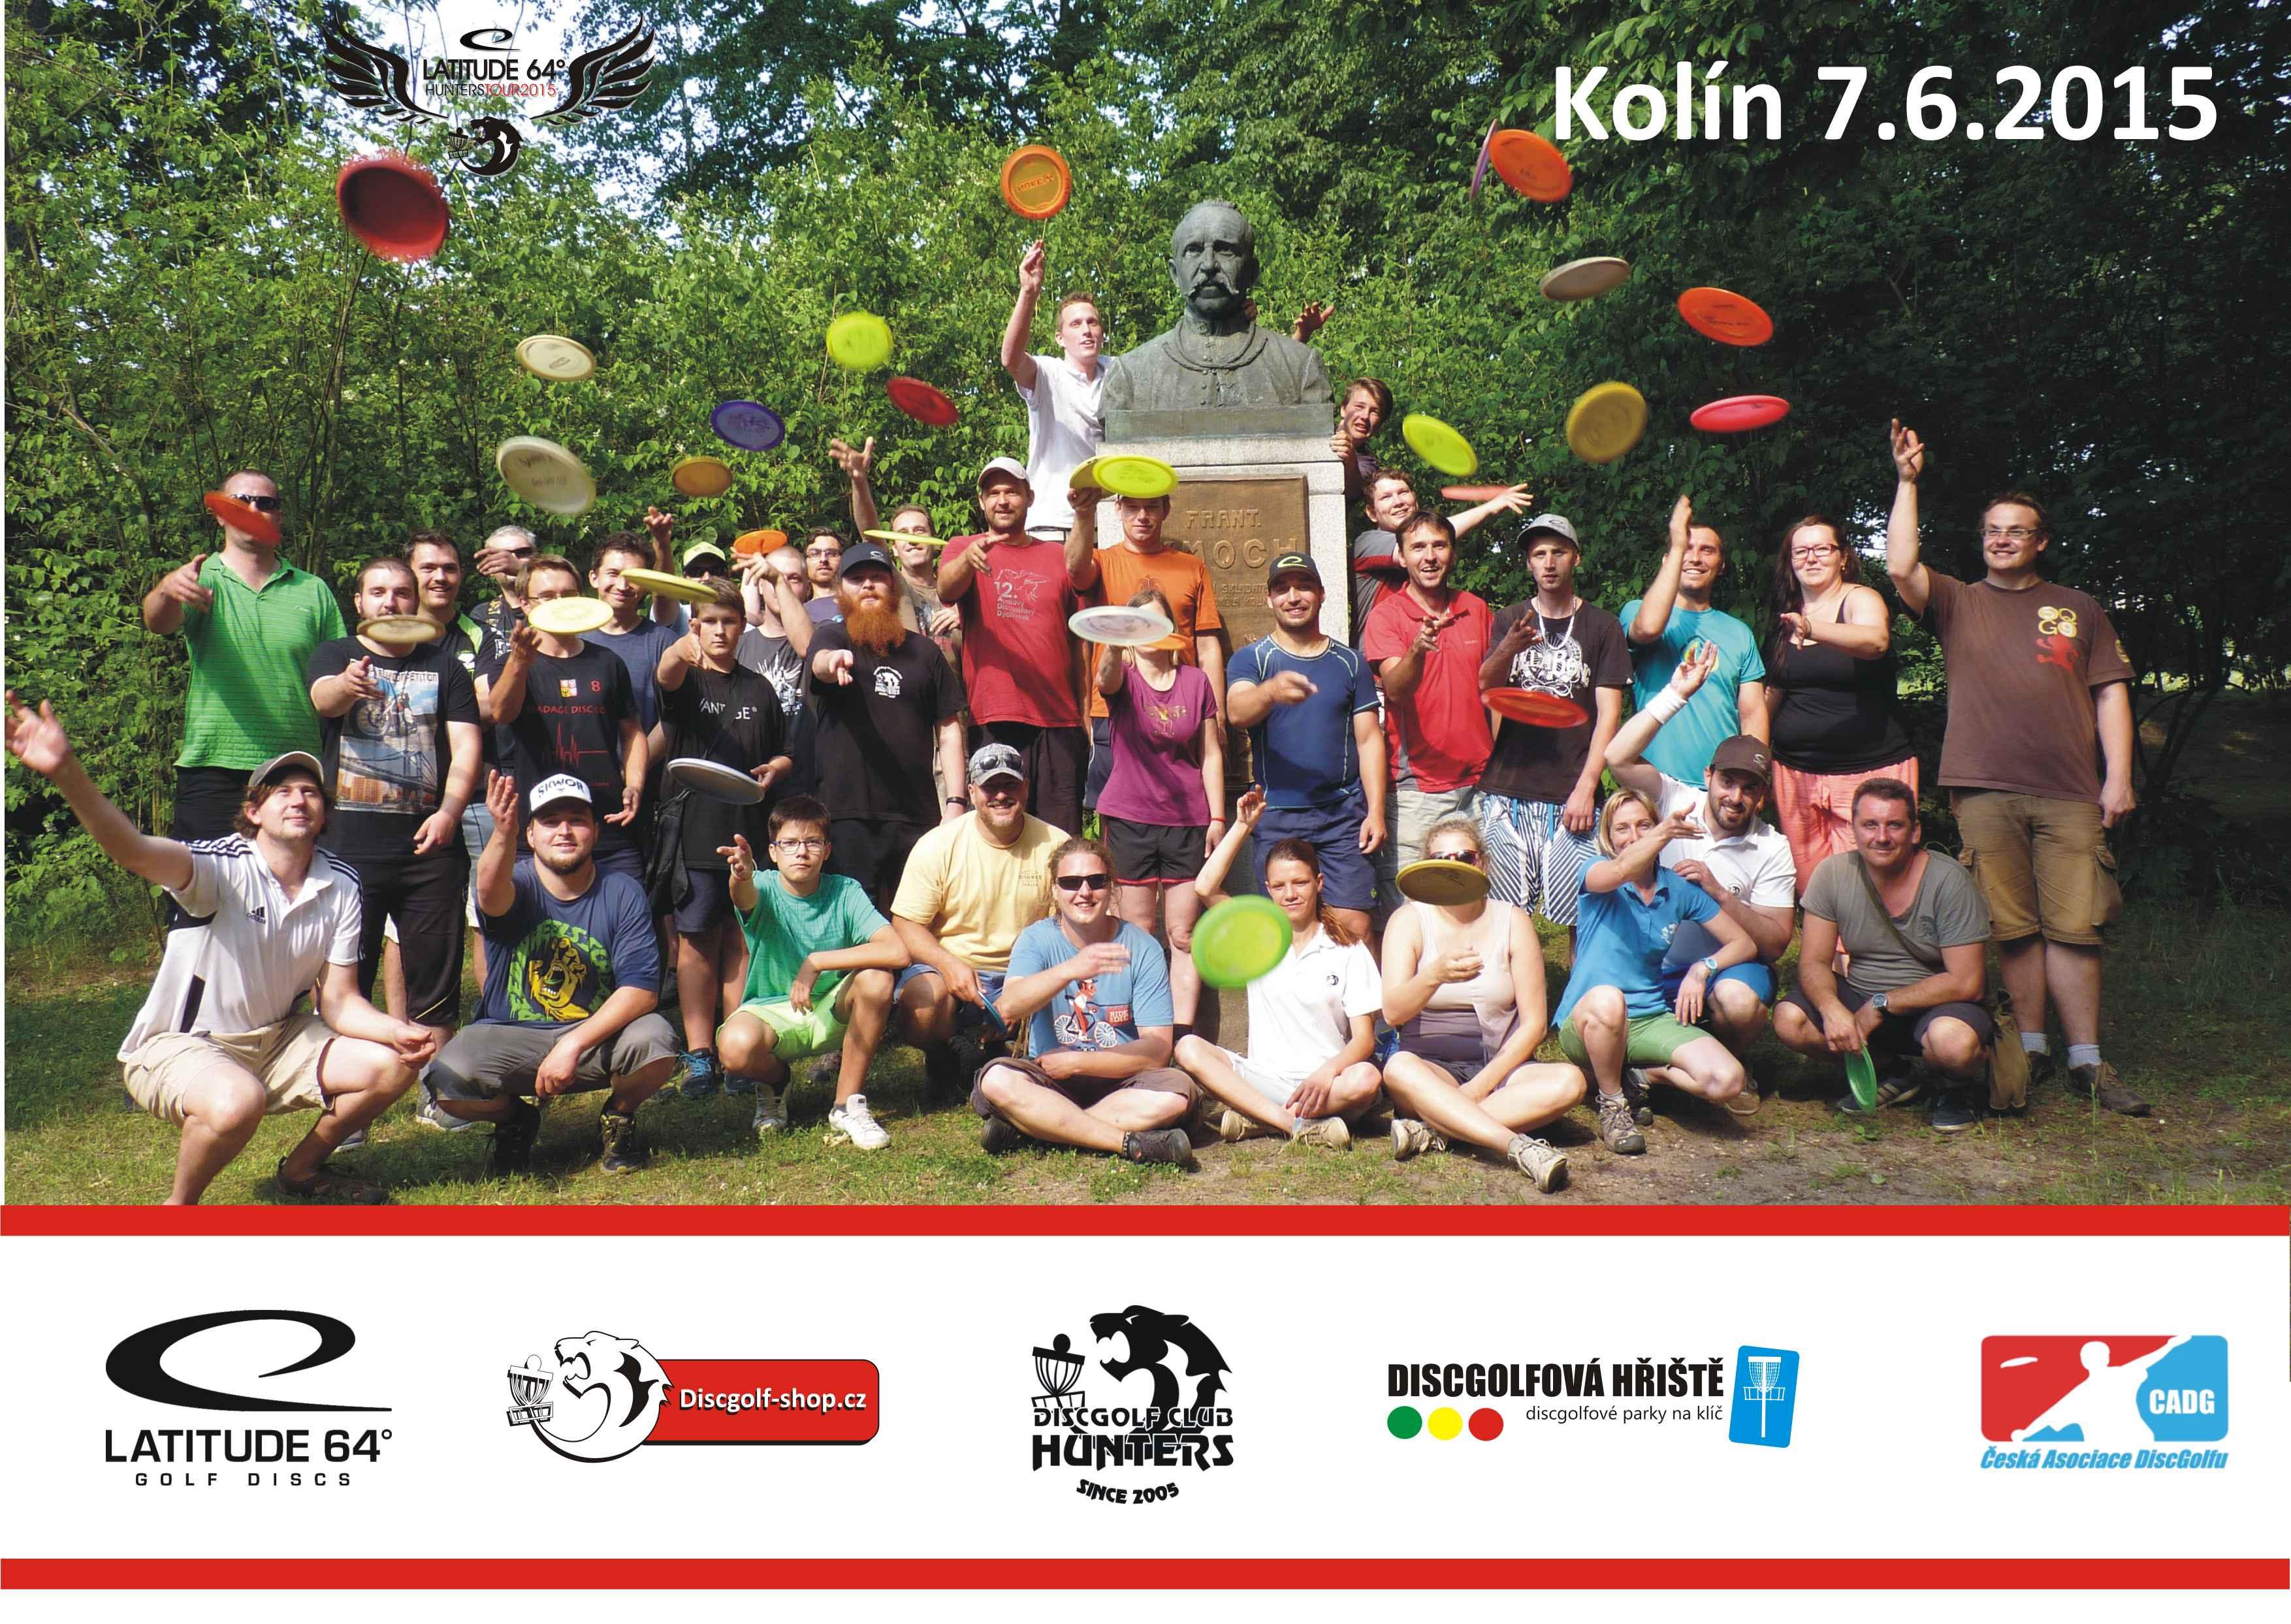 Fotky z turnaje v Kolíně 7.6.2015